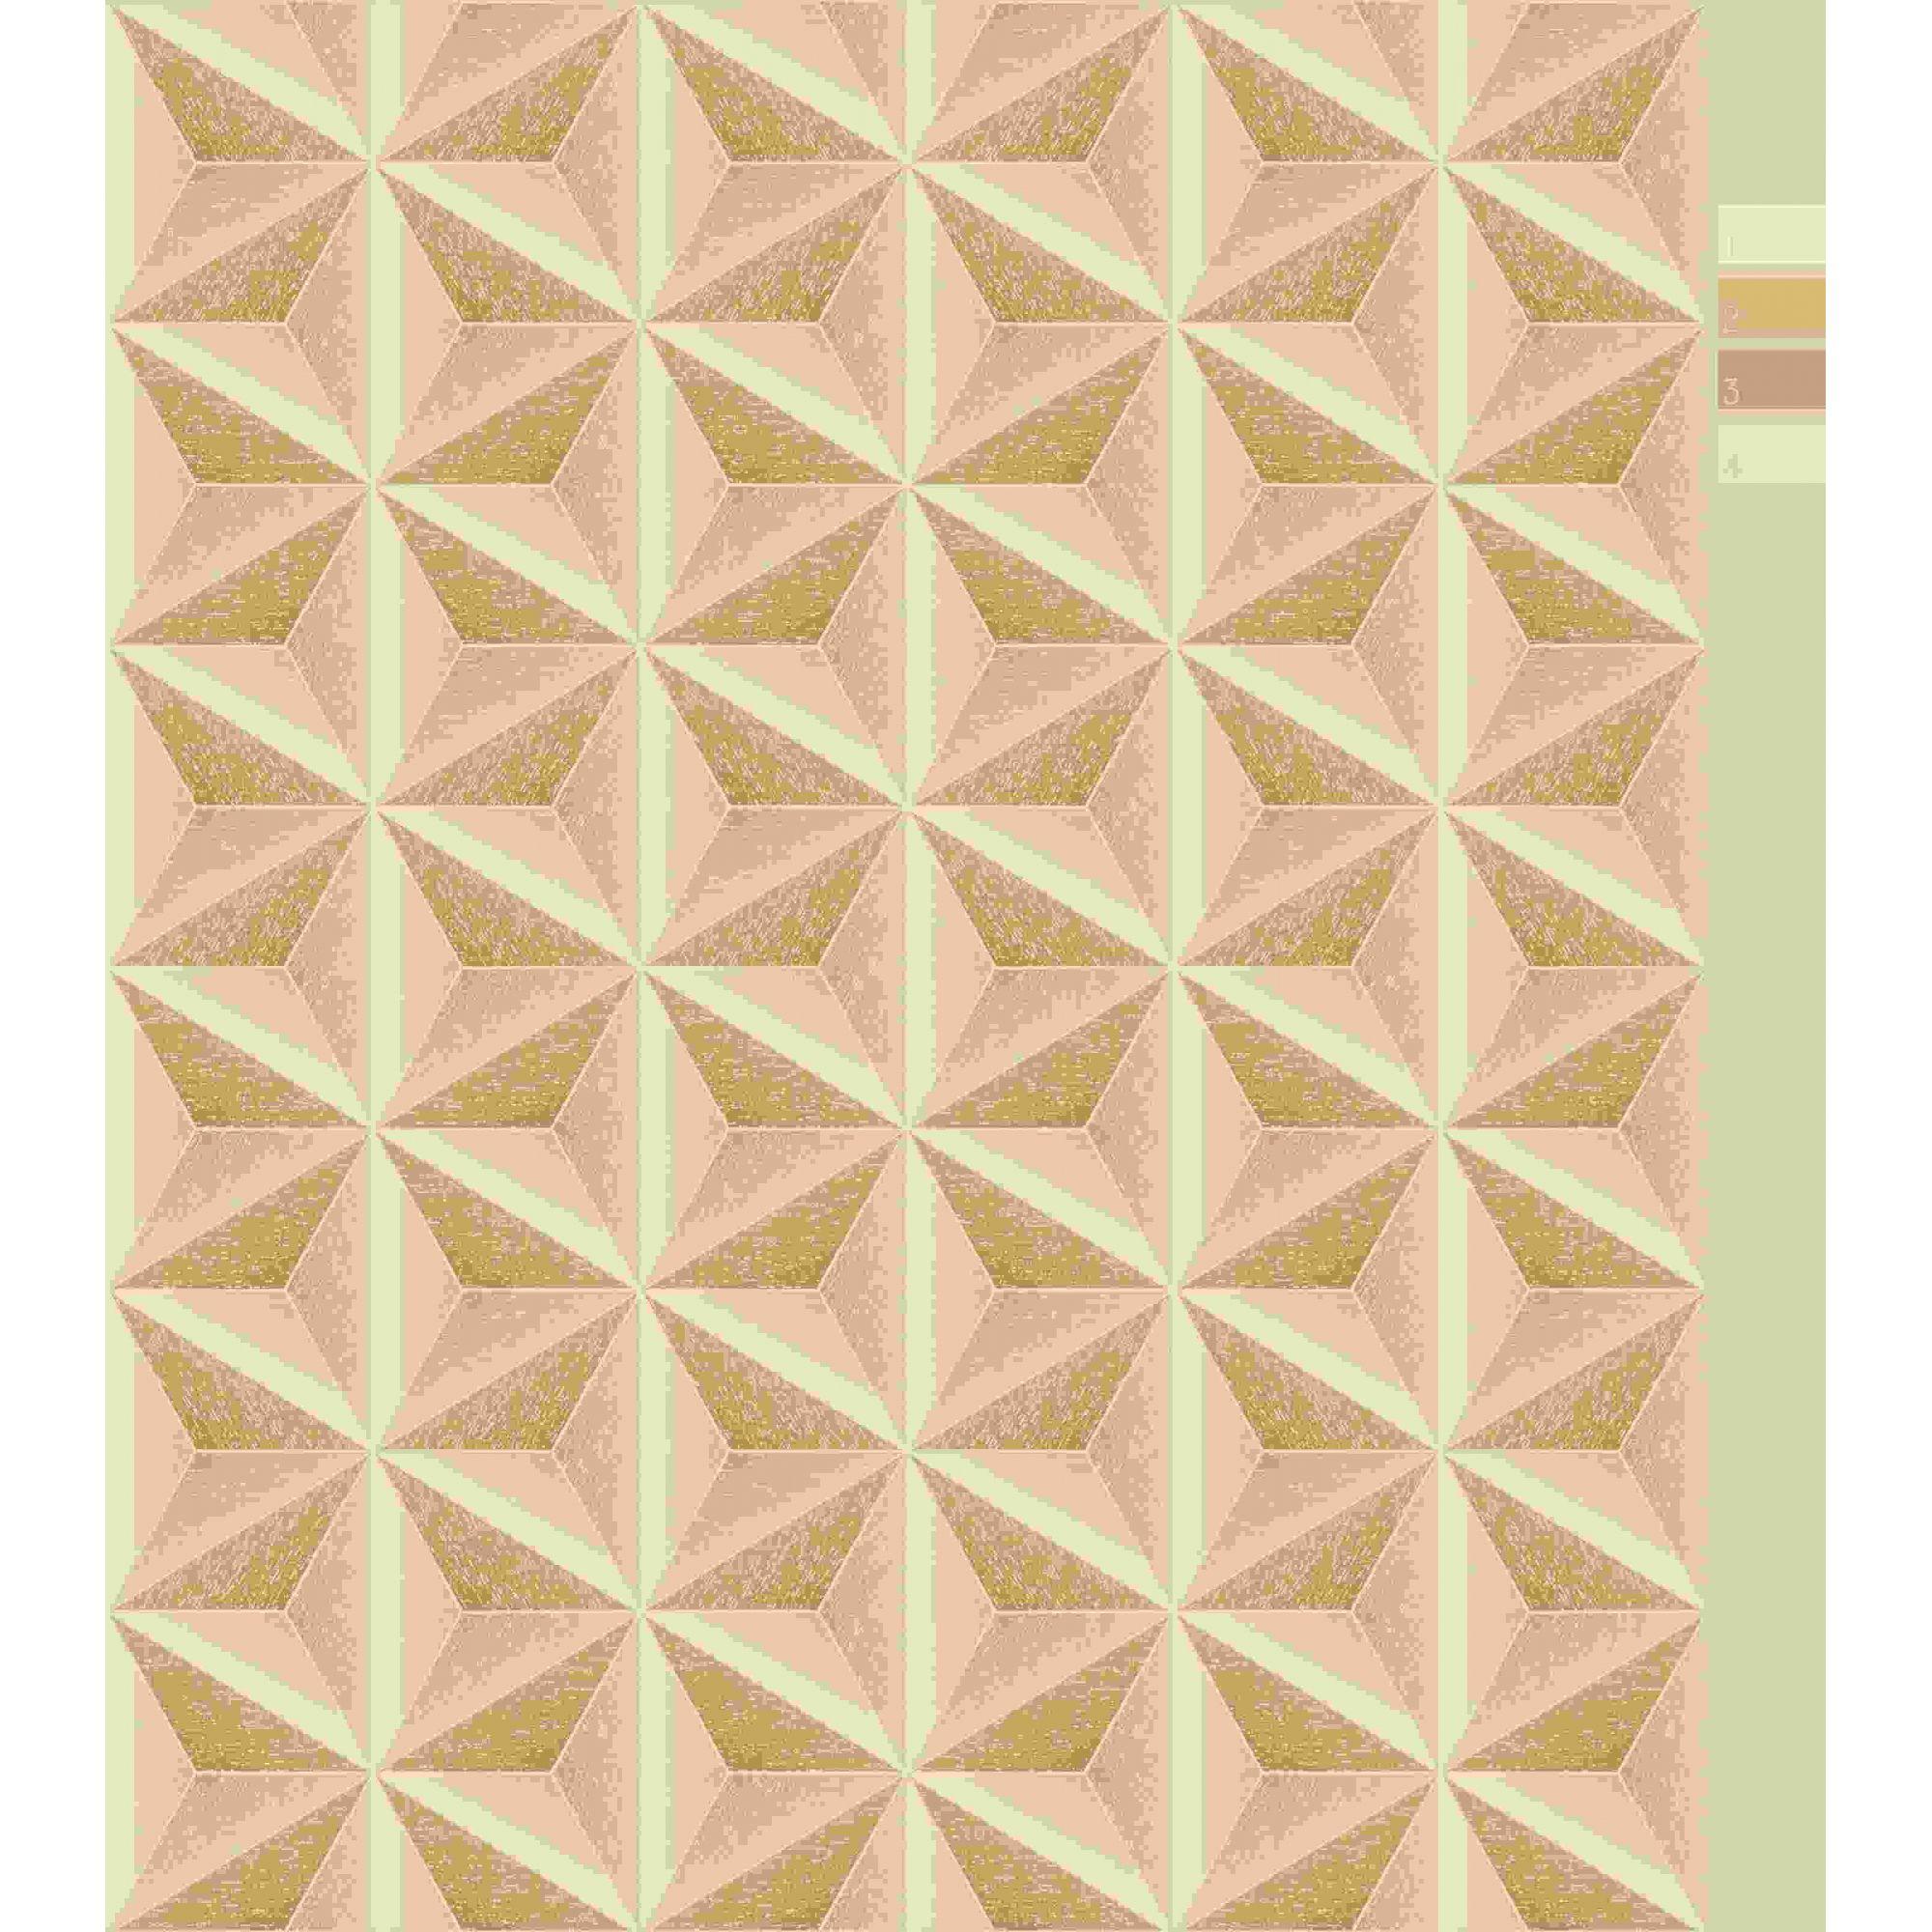 Papel de Parede Kan Tai Vinílico Coleção Neonature 5 Geométrico 3D Estrela Dourado